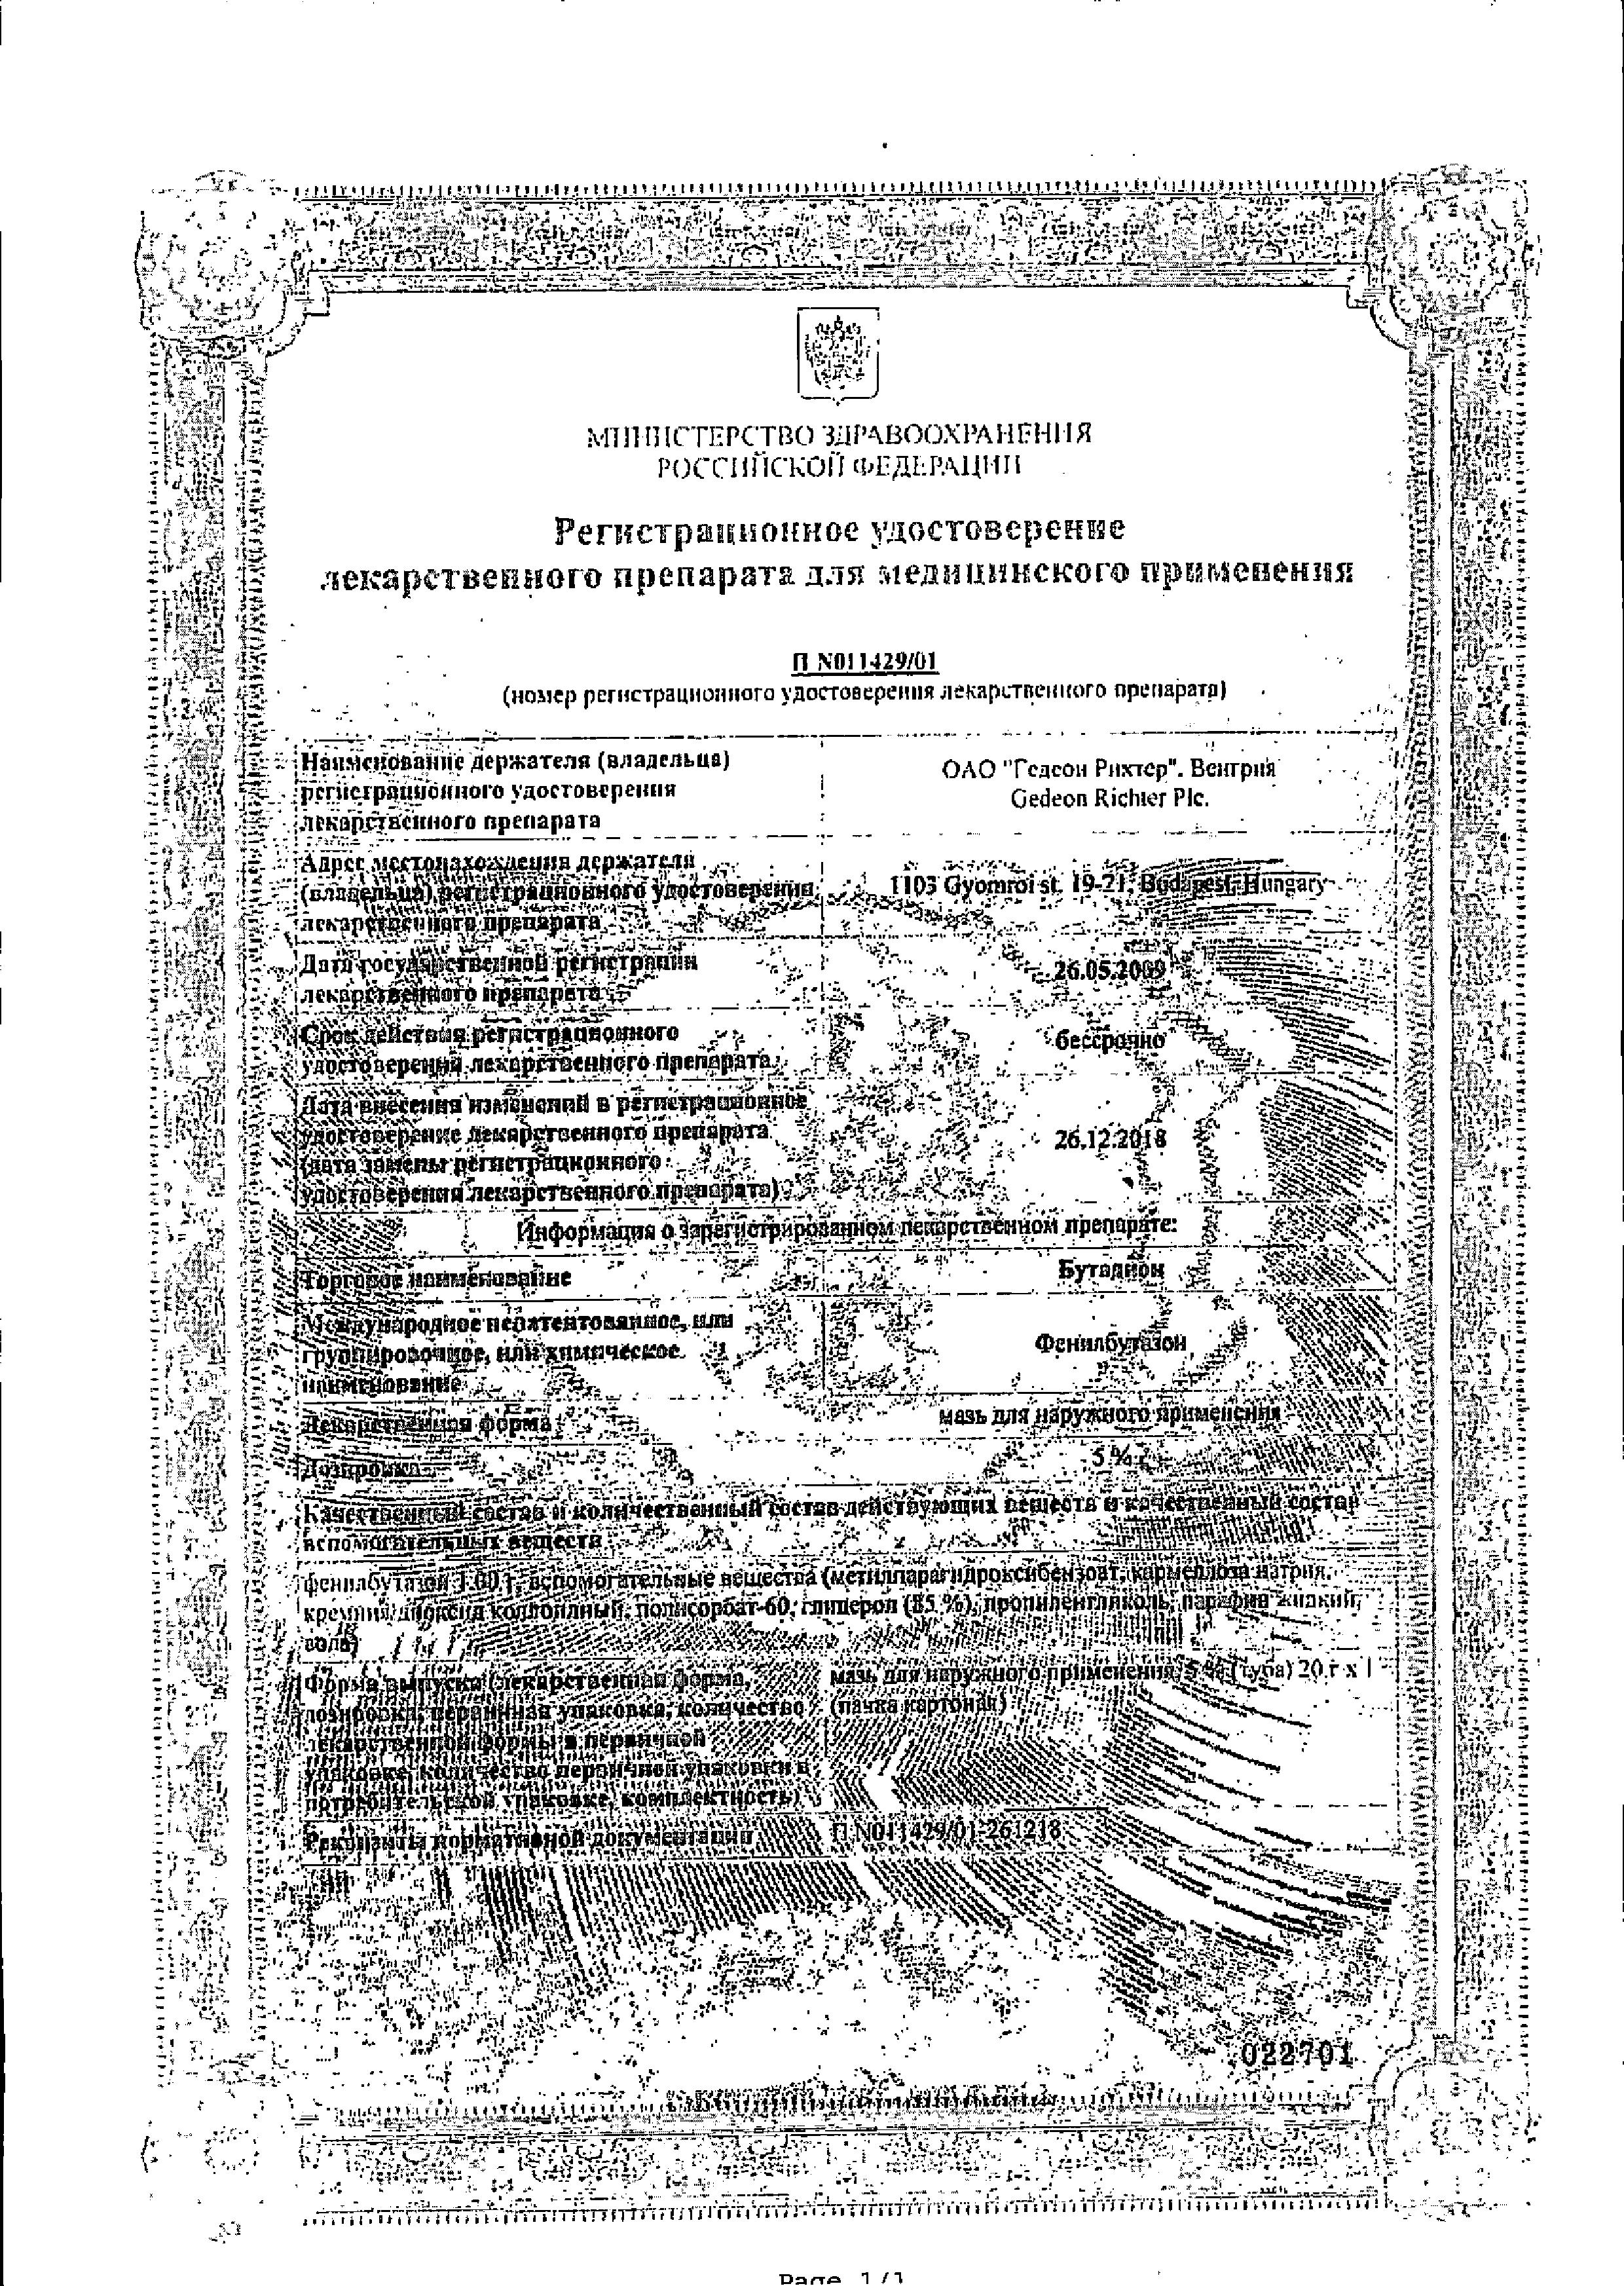 Бутадион сертификат